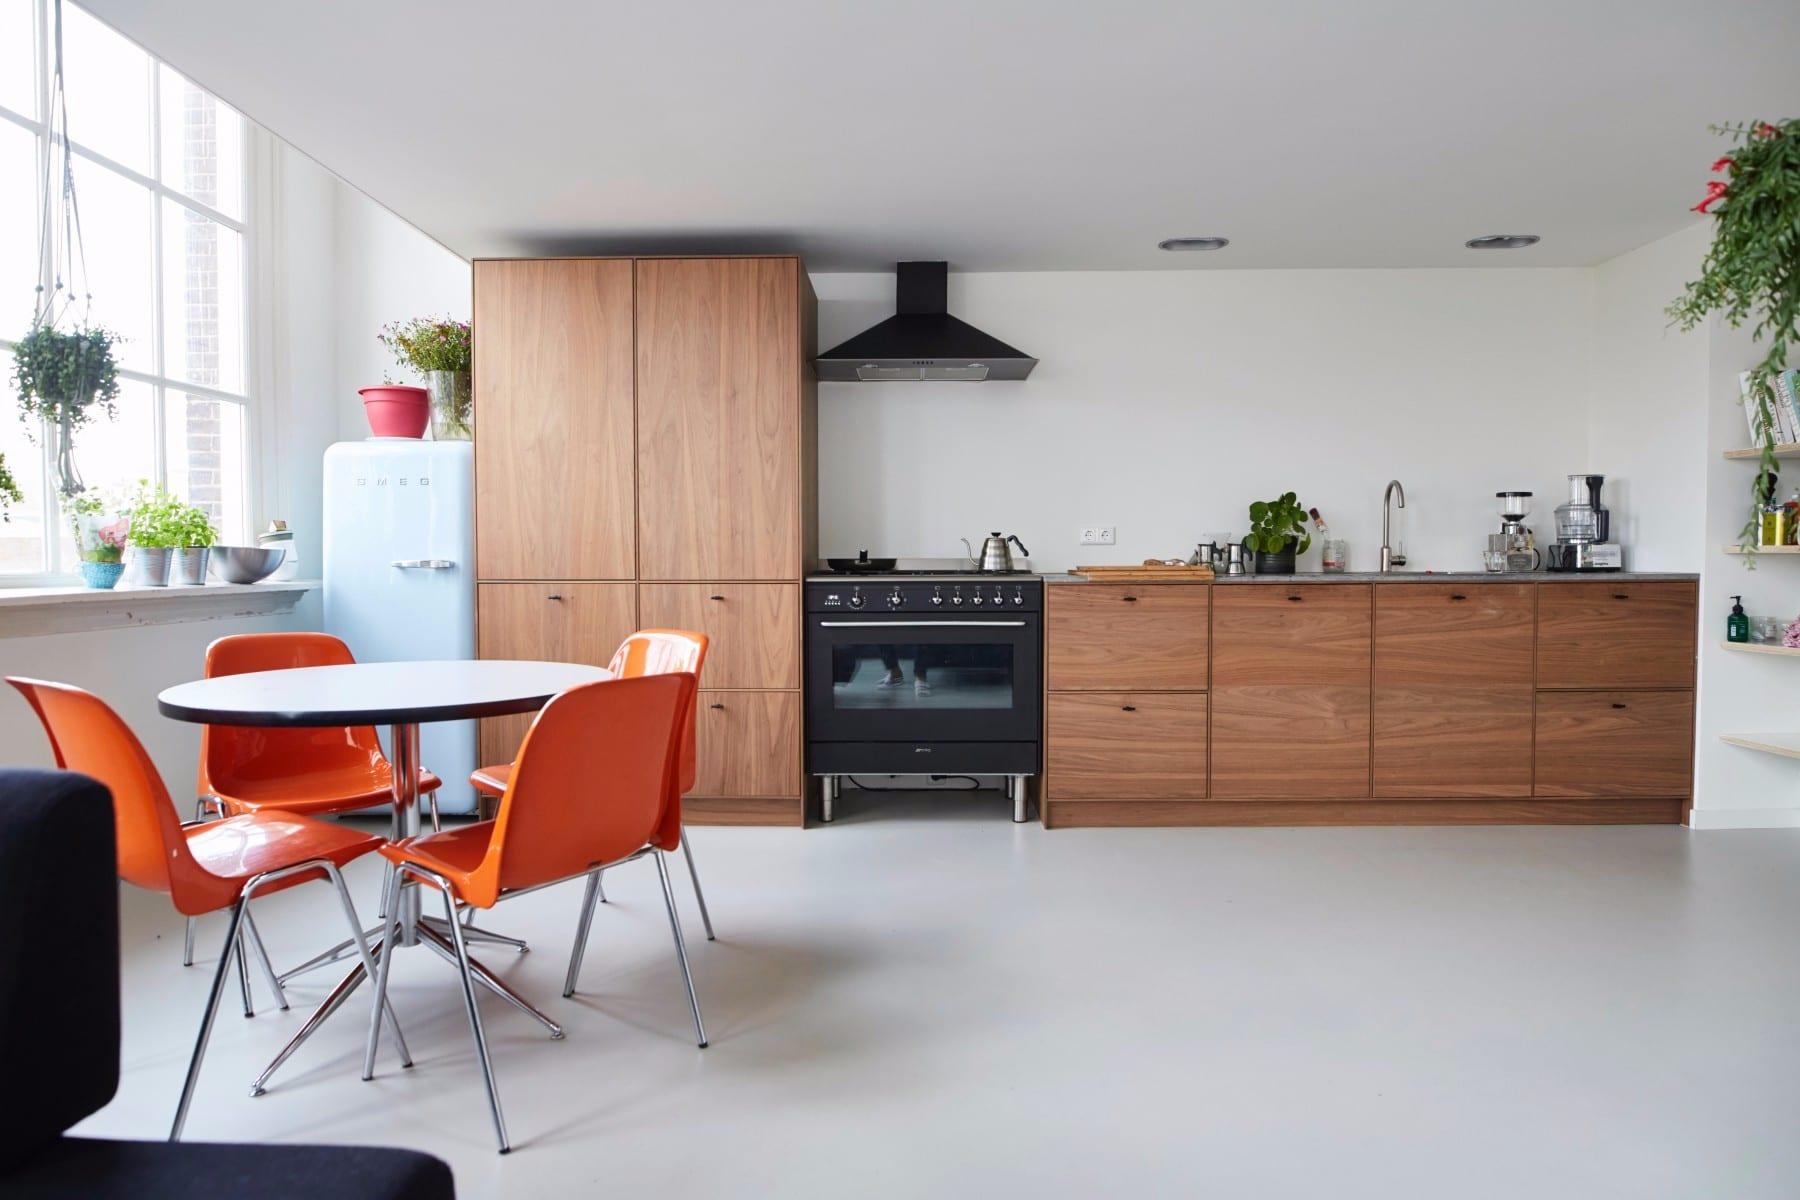 Keuken Op Maat : Keuken op maat meubelmakerij houtkwadraat